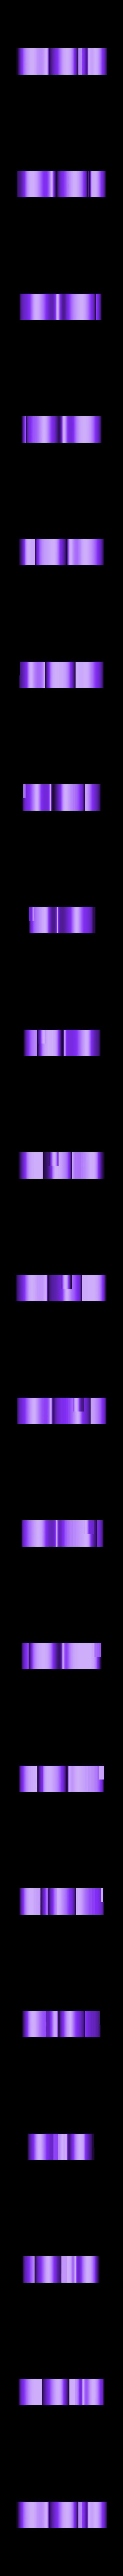 Part_Studio_1_-_Flower2.stl Download free STL file Hedgehog 3D • 3D printer design, crprinting